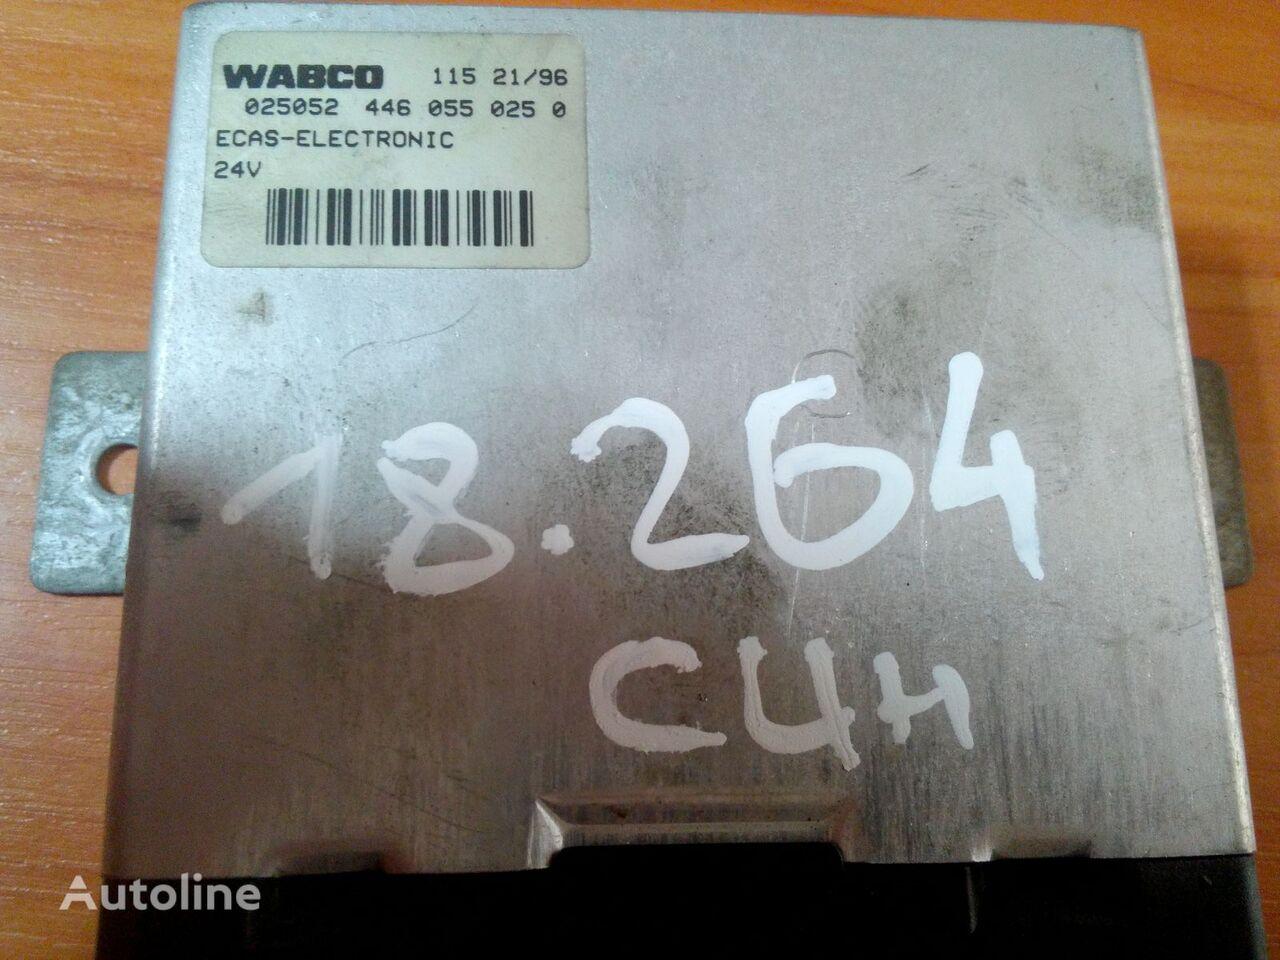 блок управления MAN 4460550250 WABCO (025052) для грузовика MAN 18.264